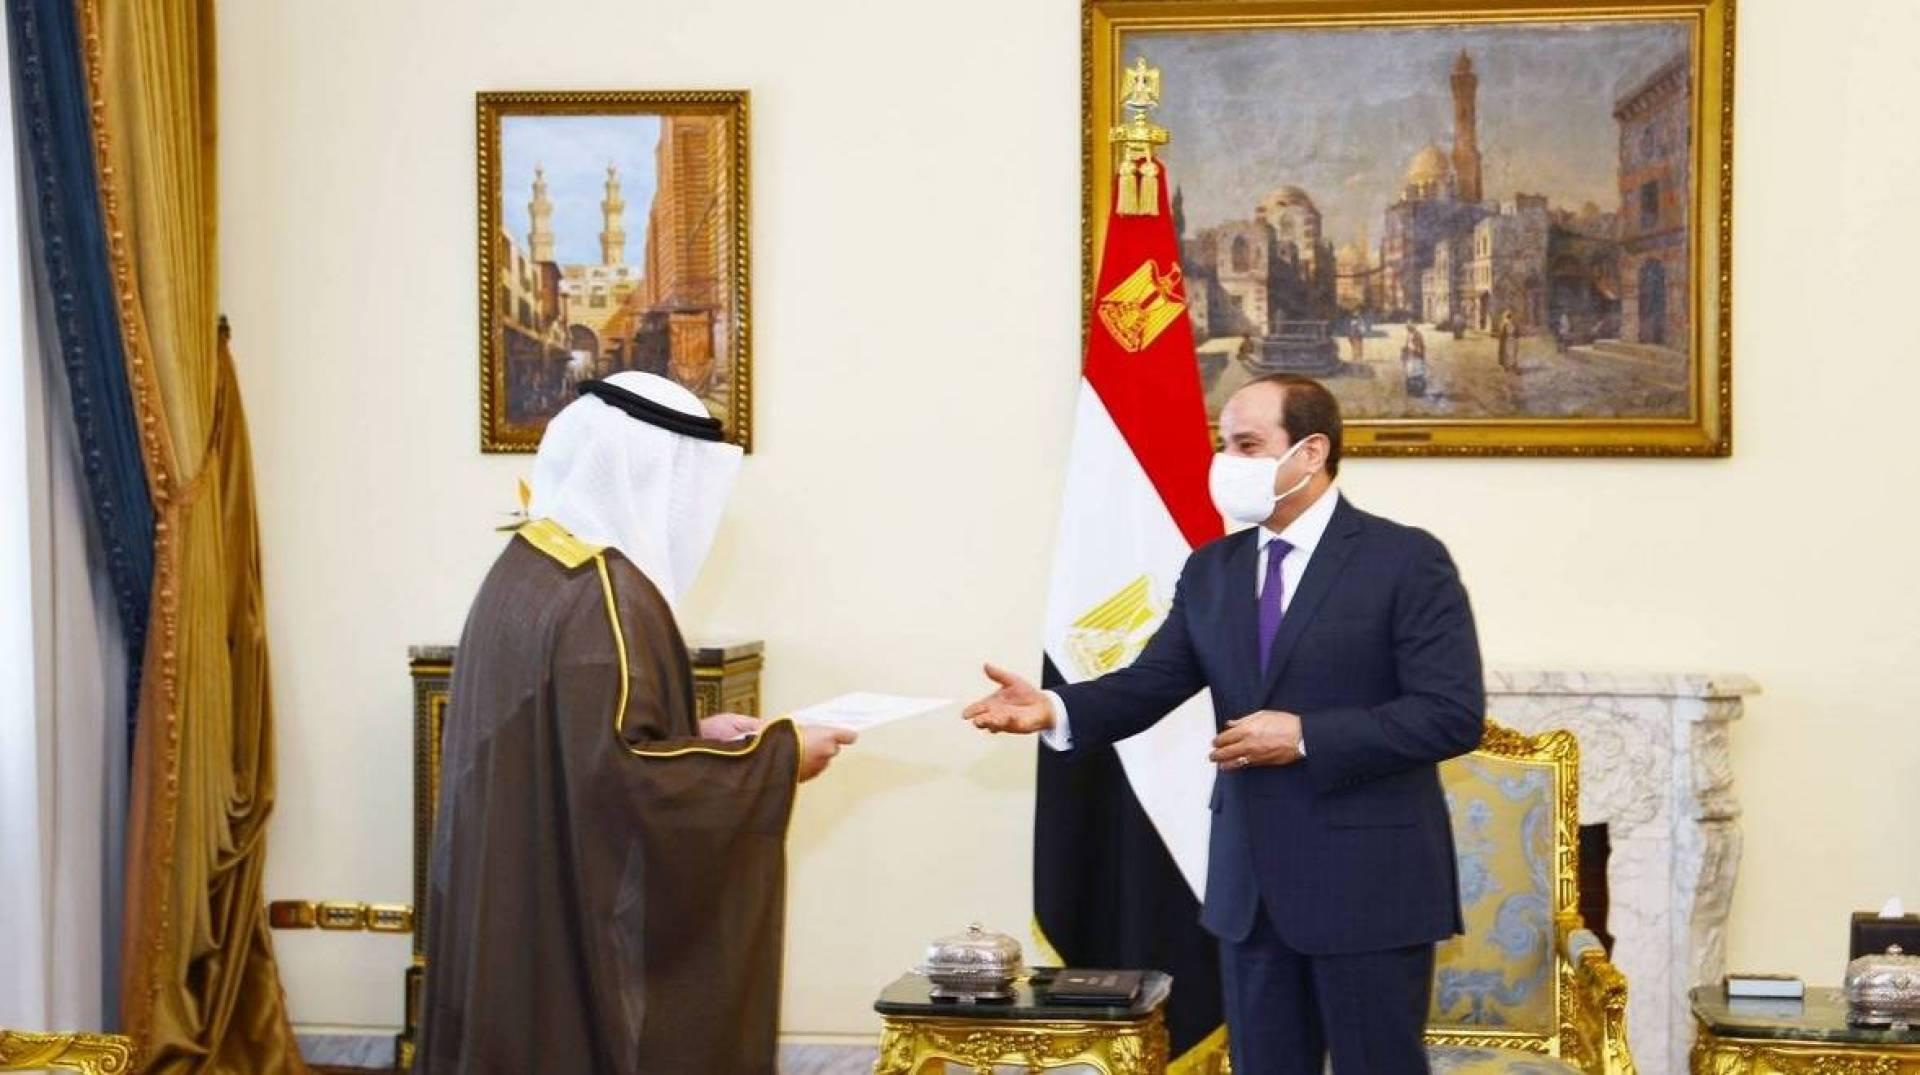 مبعوث سمو الأمير يسلم رسالة خطية من صاحب السمو إلى الرئيس المصري